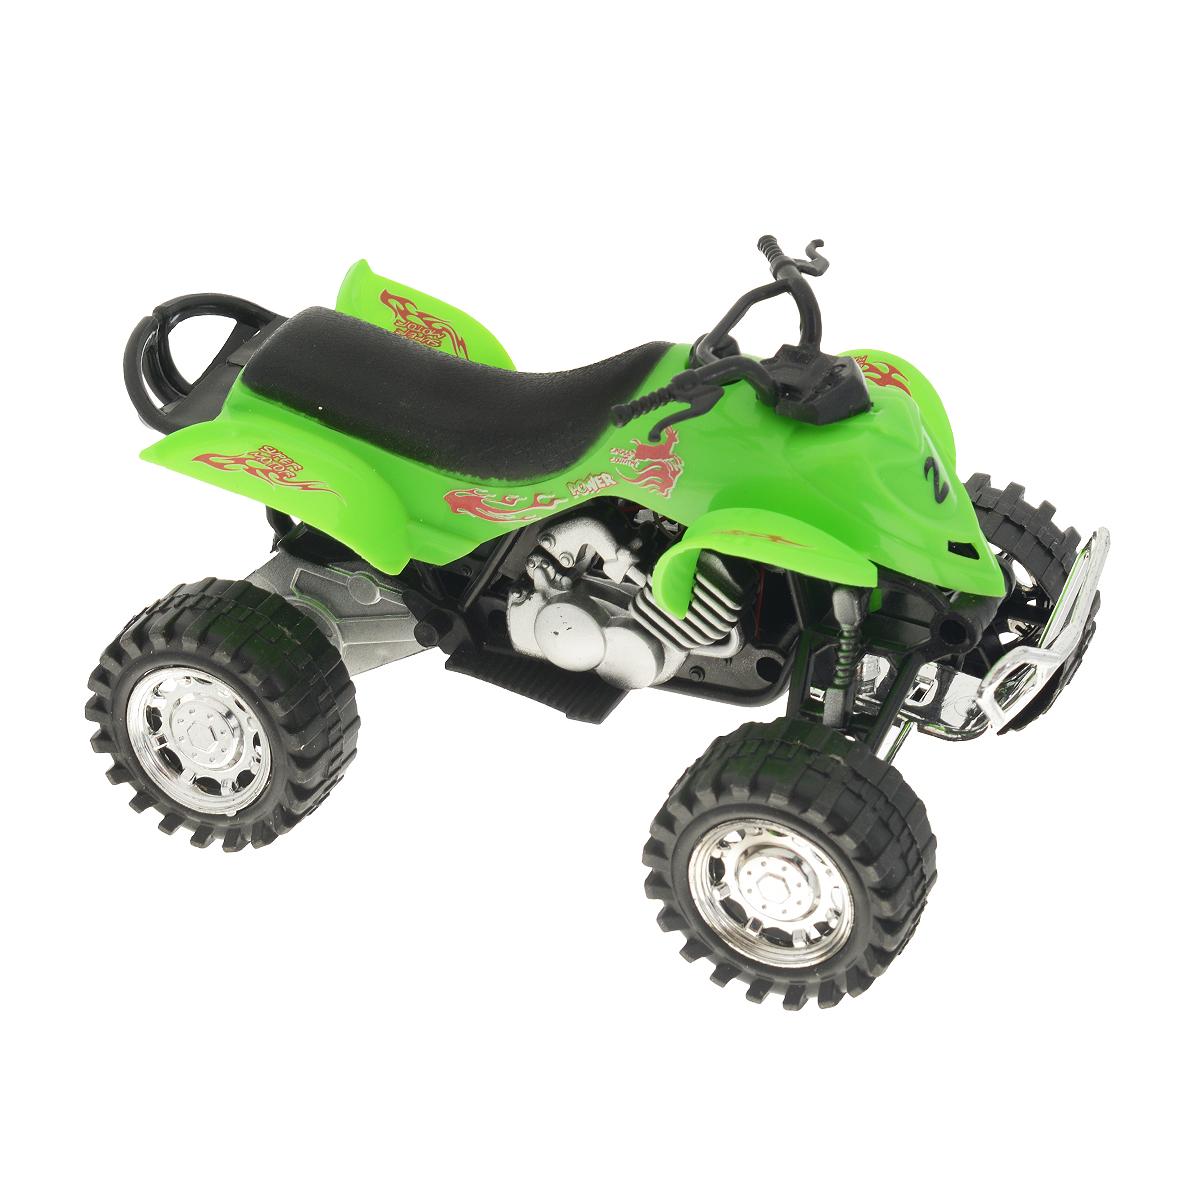 Big motors Квадроцикл инерционный цвет зеленый6297-17_зеленыйИнерционная игрушка Dream Makers Квадроцикл, изготовленная из проного пластика, привлечет внимание вашего ребенка и не позволит ему скучать. Квадроцикл снабжен кнопкой, при нажатии на которую звучат различные звуки. Игрушка оснащена инерционным механизмом: стоит откатить квадроцикл назад, затем отпустить и он молниеносно поедет вперед. Ребенок с удовольствием будет играть с этой игрушкой, придумывая разные истории. Порадуйте его таким замечательным подарком! Рекомендуется докупить 3 батарейки типа LR44 (товар комплектуется демонстрационными).